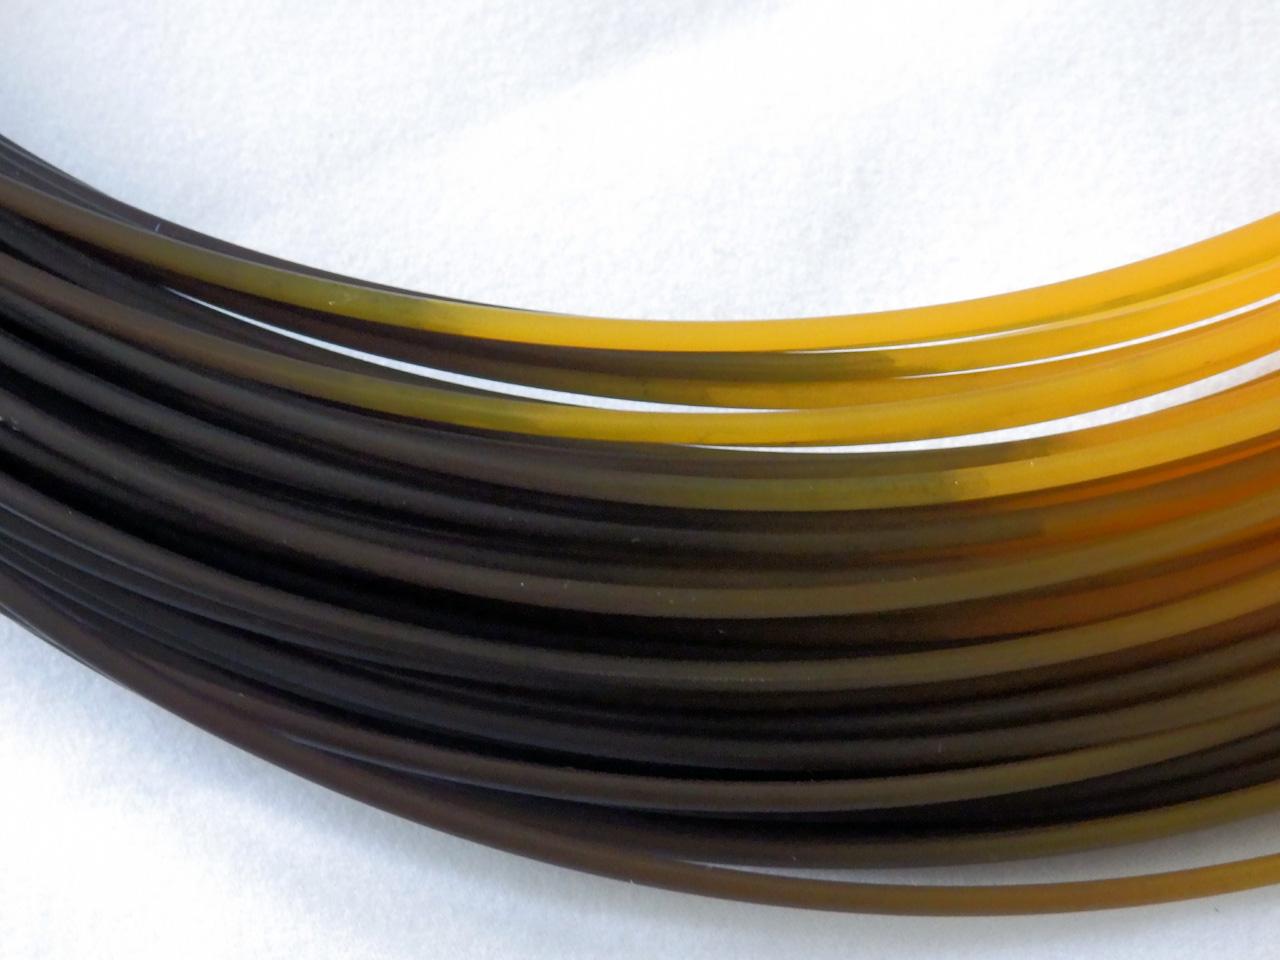 Here Mixed Nylon Filament